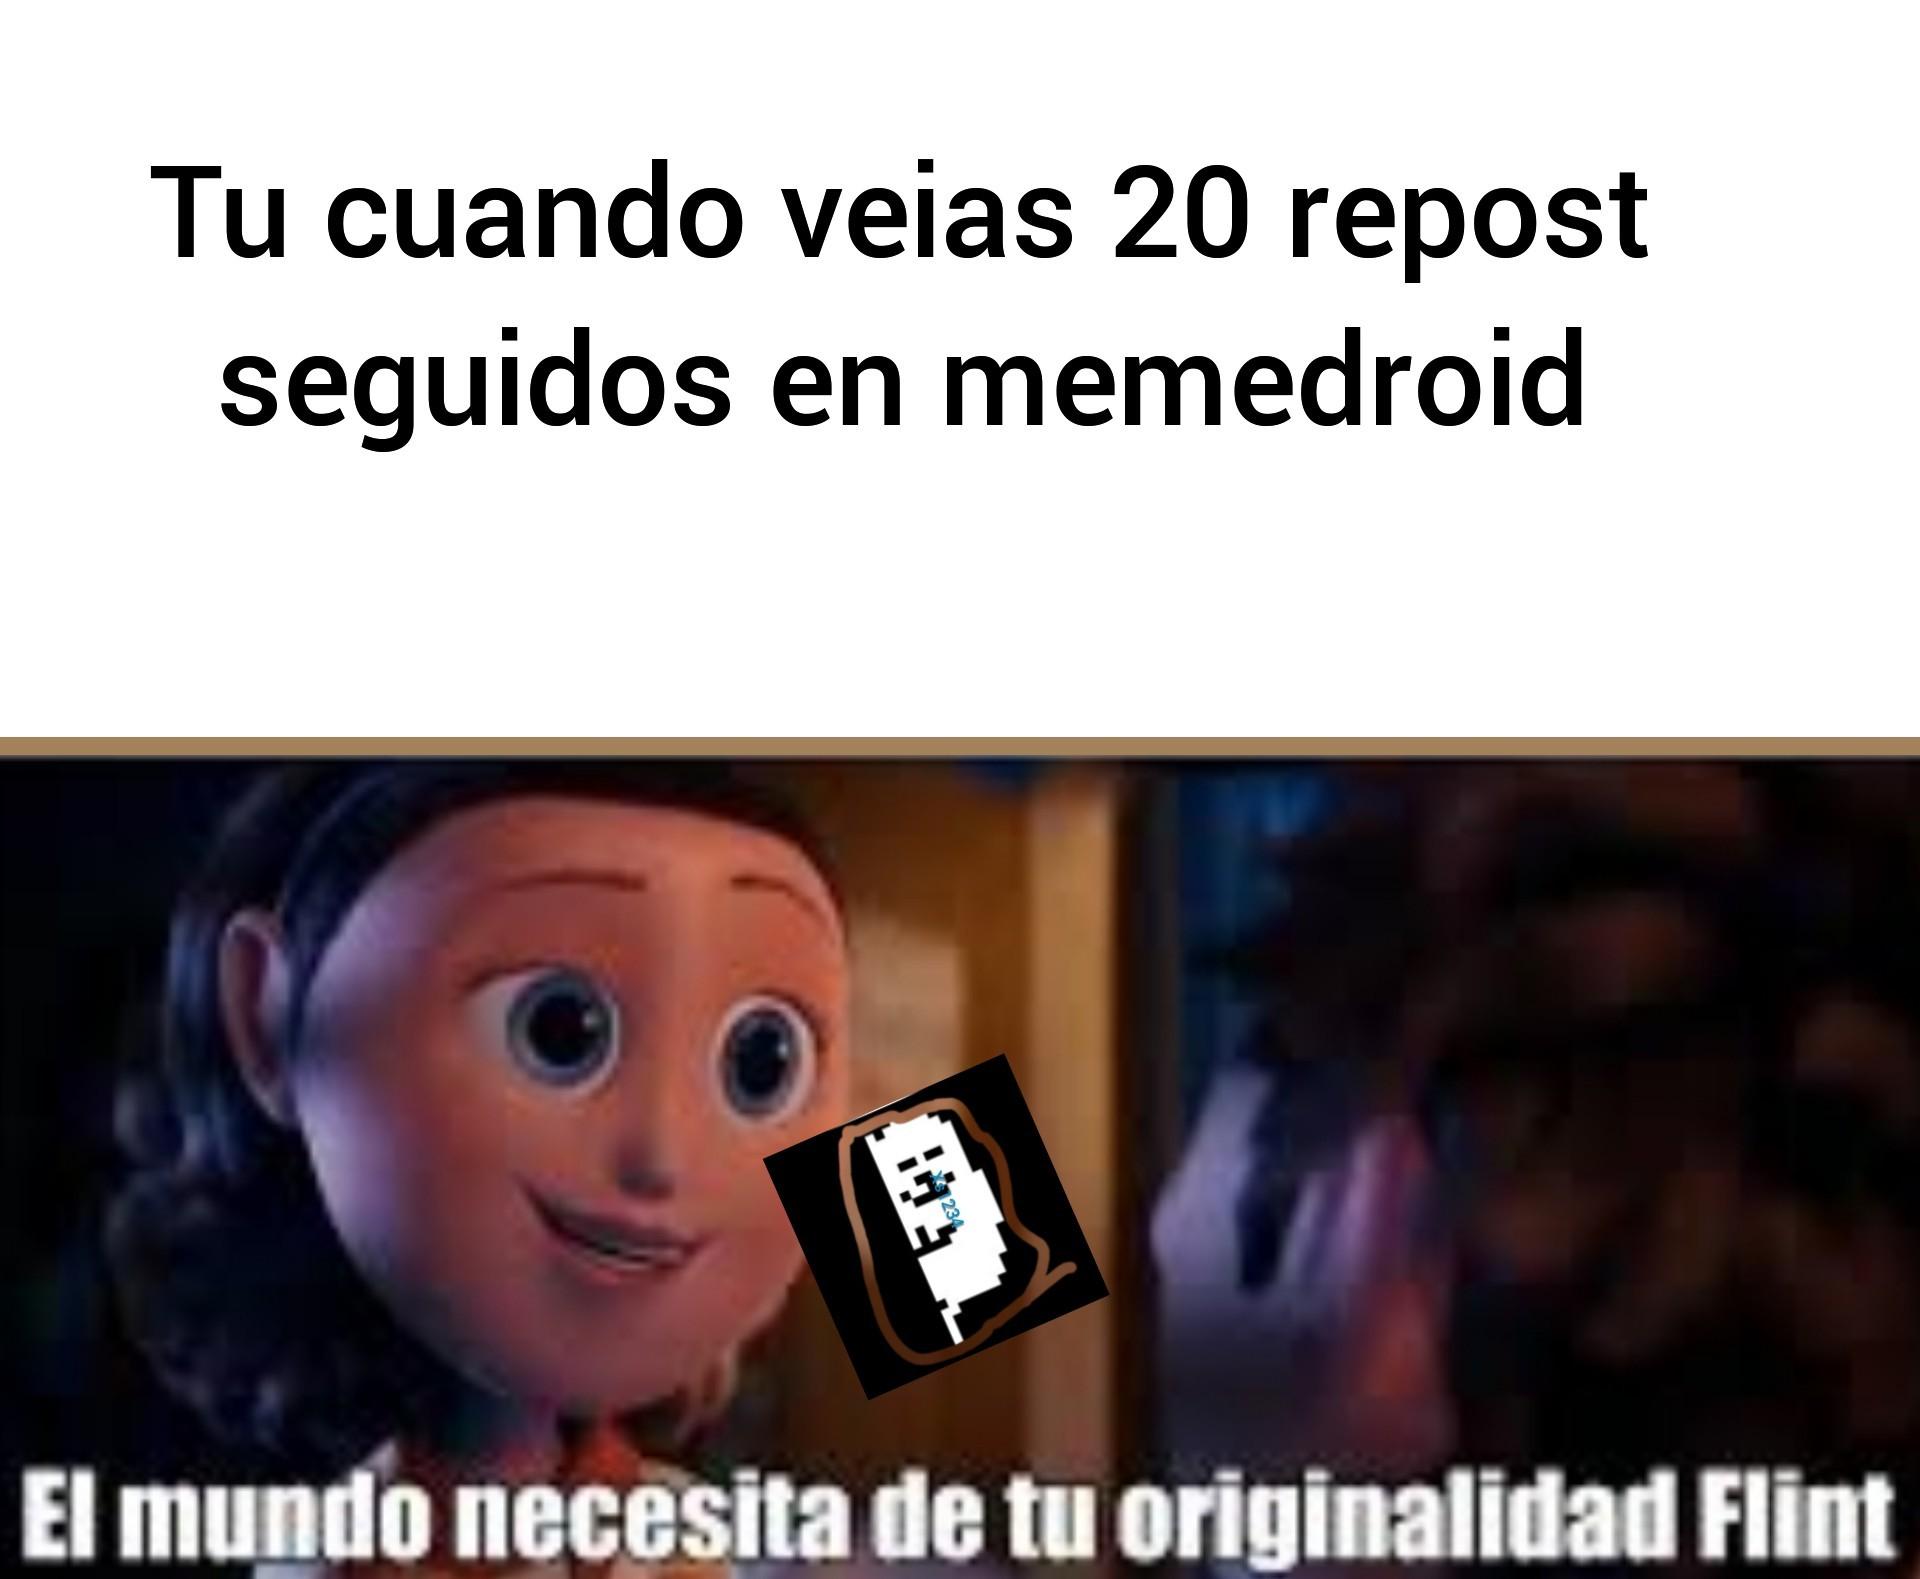 El mundo necesita de mi originalidad y de pvzbfn - meme